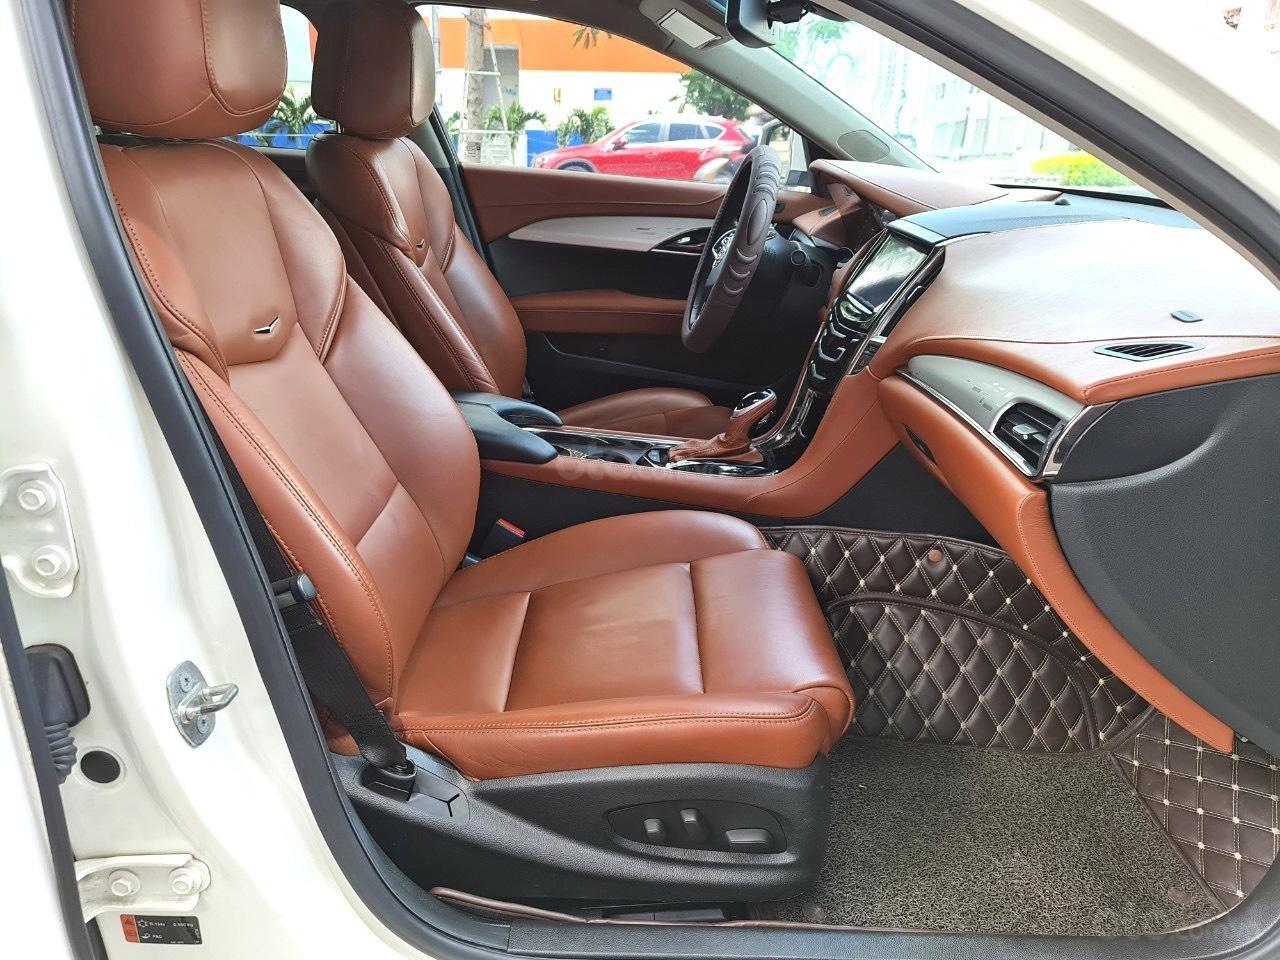 Cadillac CTS Luxury 2.0 nhập Mỹ 2015, loại cao cấp, full đồ chơi, màn hình cảm ứng, chìa khóa thông minh, nội thất sang trọng (10)